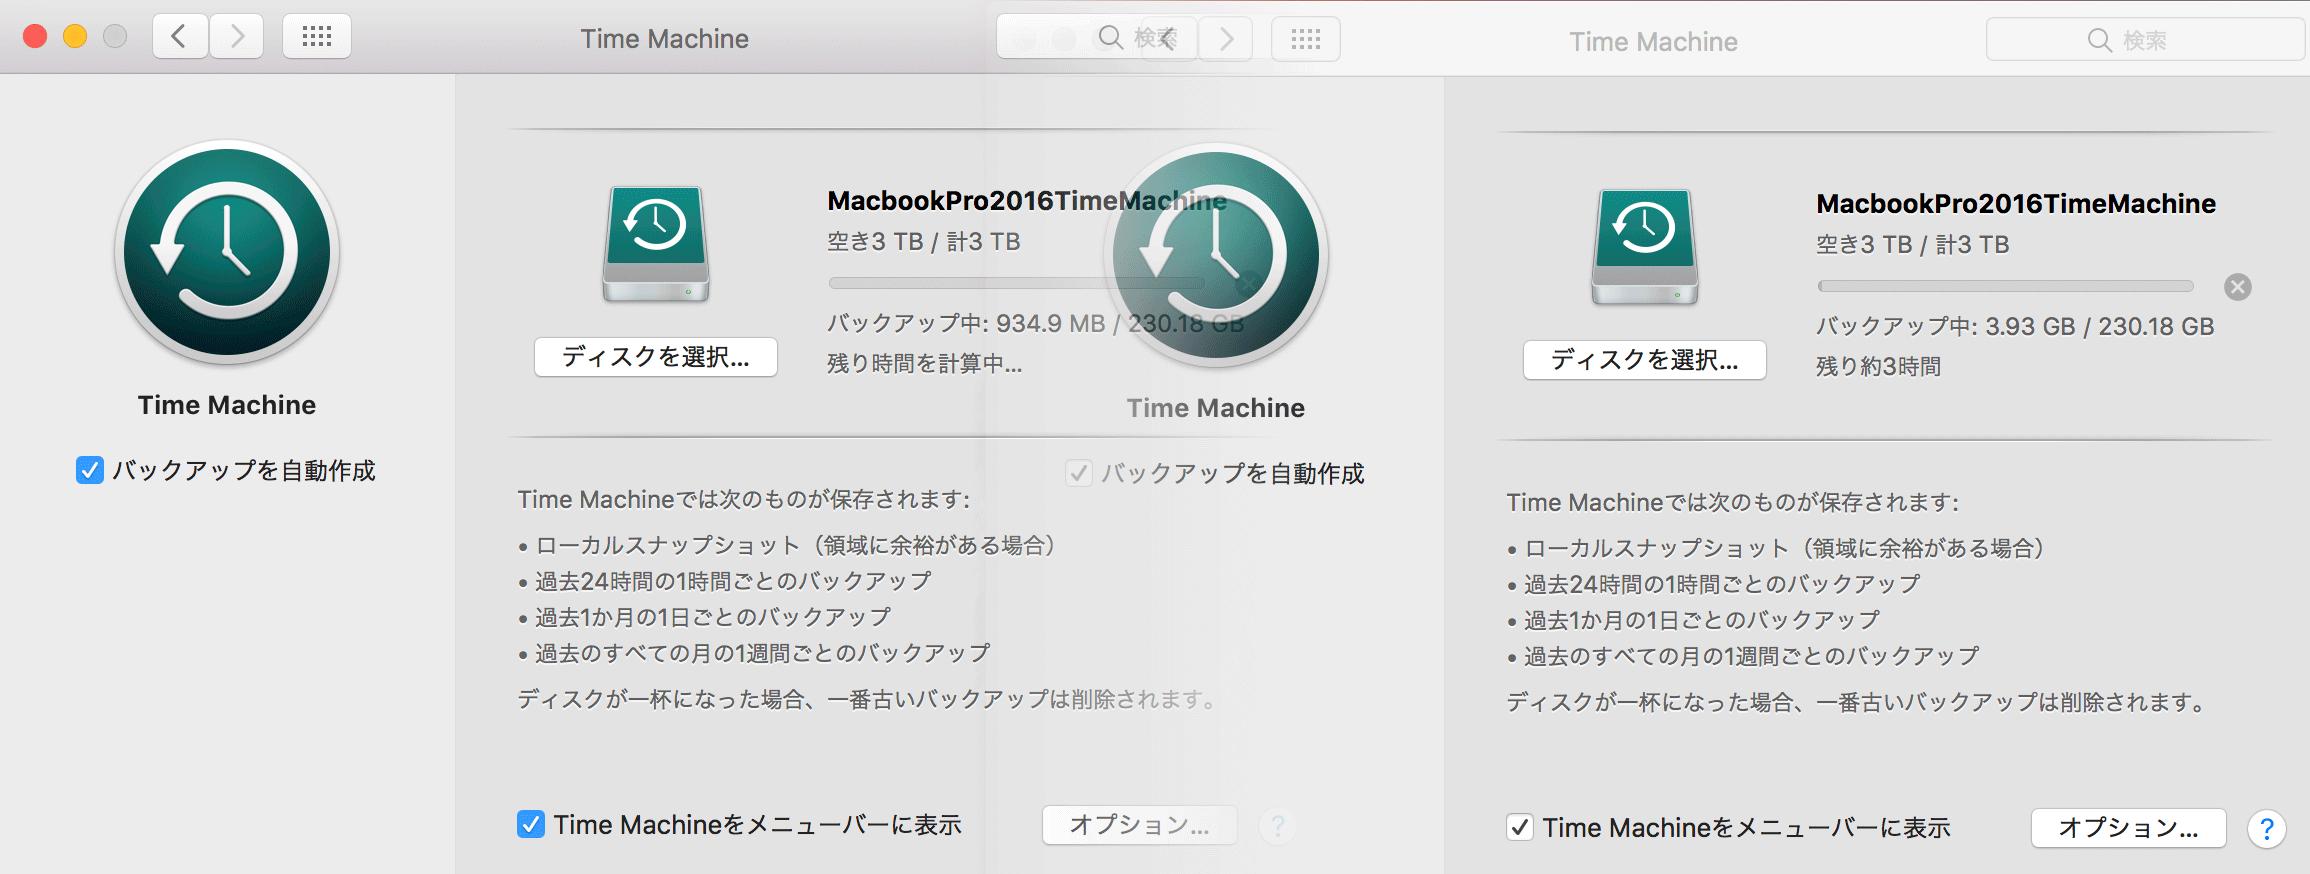 開始されたバックアップとディスク残り容量、残り時間の表示